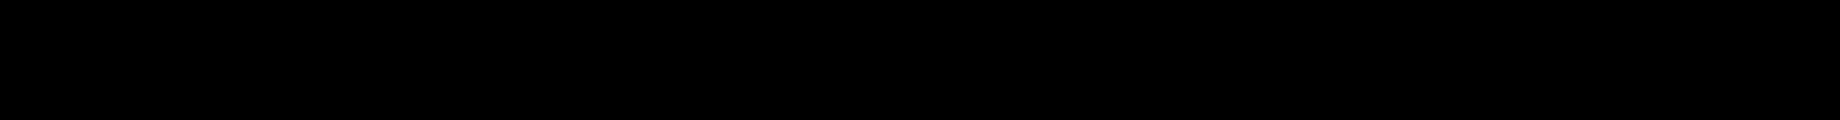 Starflight Logo